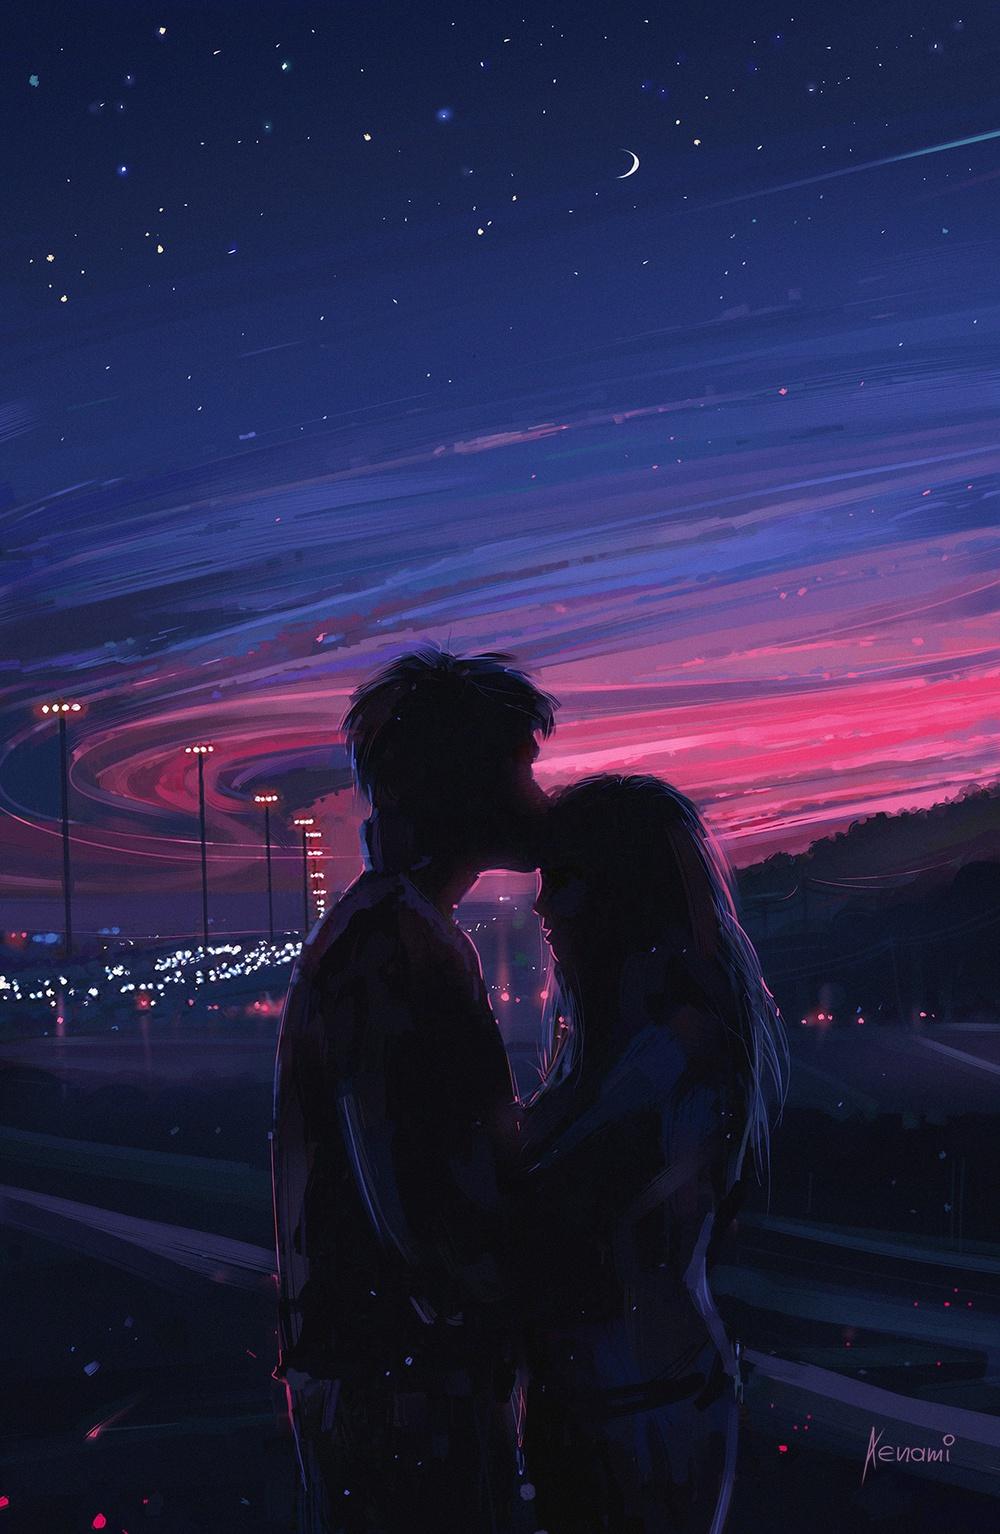 L'amour est ce qui reste lorsque la phase d' « être amoureux » s'est consumée